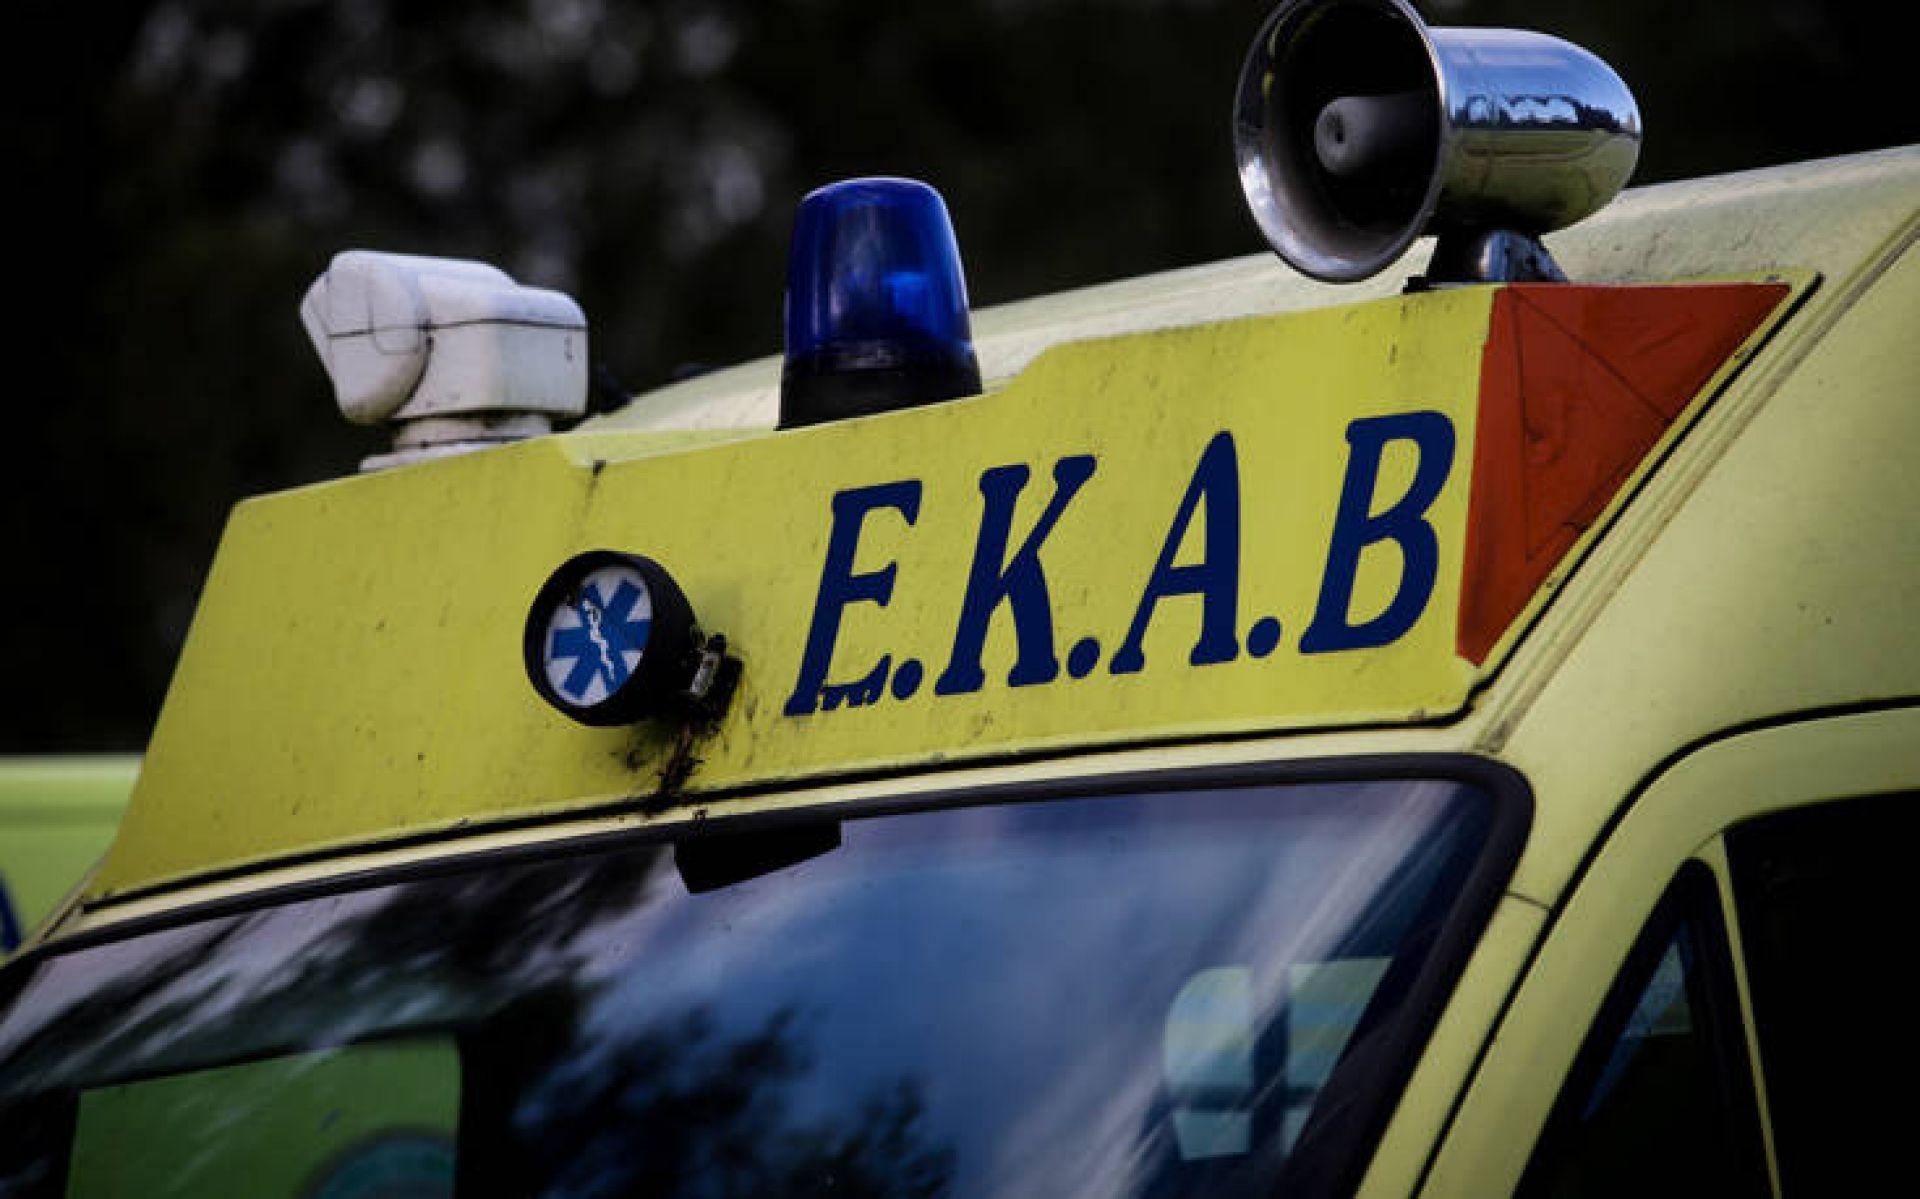 Χαλκίδα Ευβοίας: Την παρέσυρε φορτηγό μέσα στο λιμάνι, Χαλκίδα Ευβοίας: Την παρέσυρε φορτηγό μέσα στο λιμάνι – Στο νοσοκομείο η 75χρονη τραυματισμένη, Eviathema.gr | ΕΥΒΟΙΑ ΝΕΑ - Νέα και ειδήσεις από όλη την Εύβοια